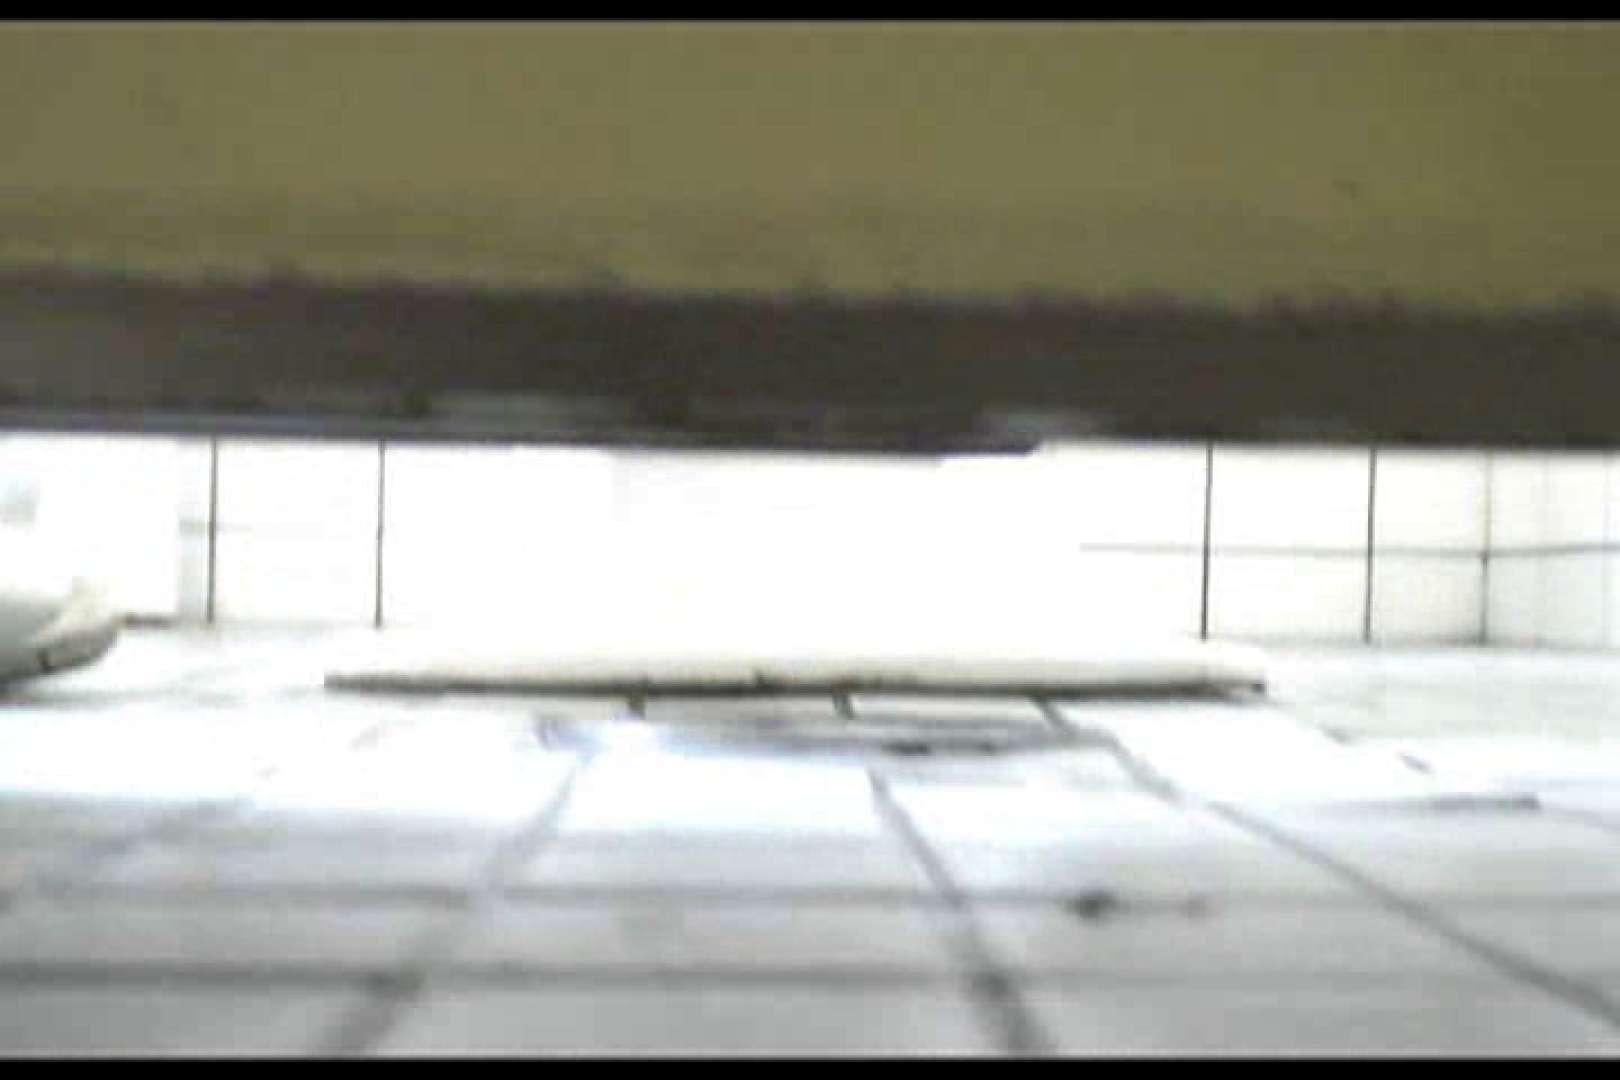 マンコ丸見え女子洗面所Vol.4 マンコ  64画像 18